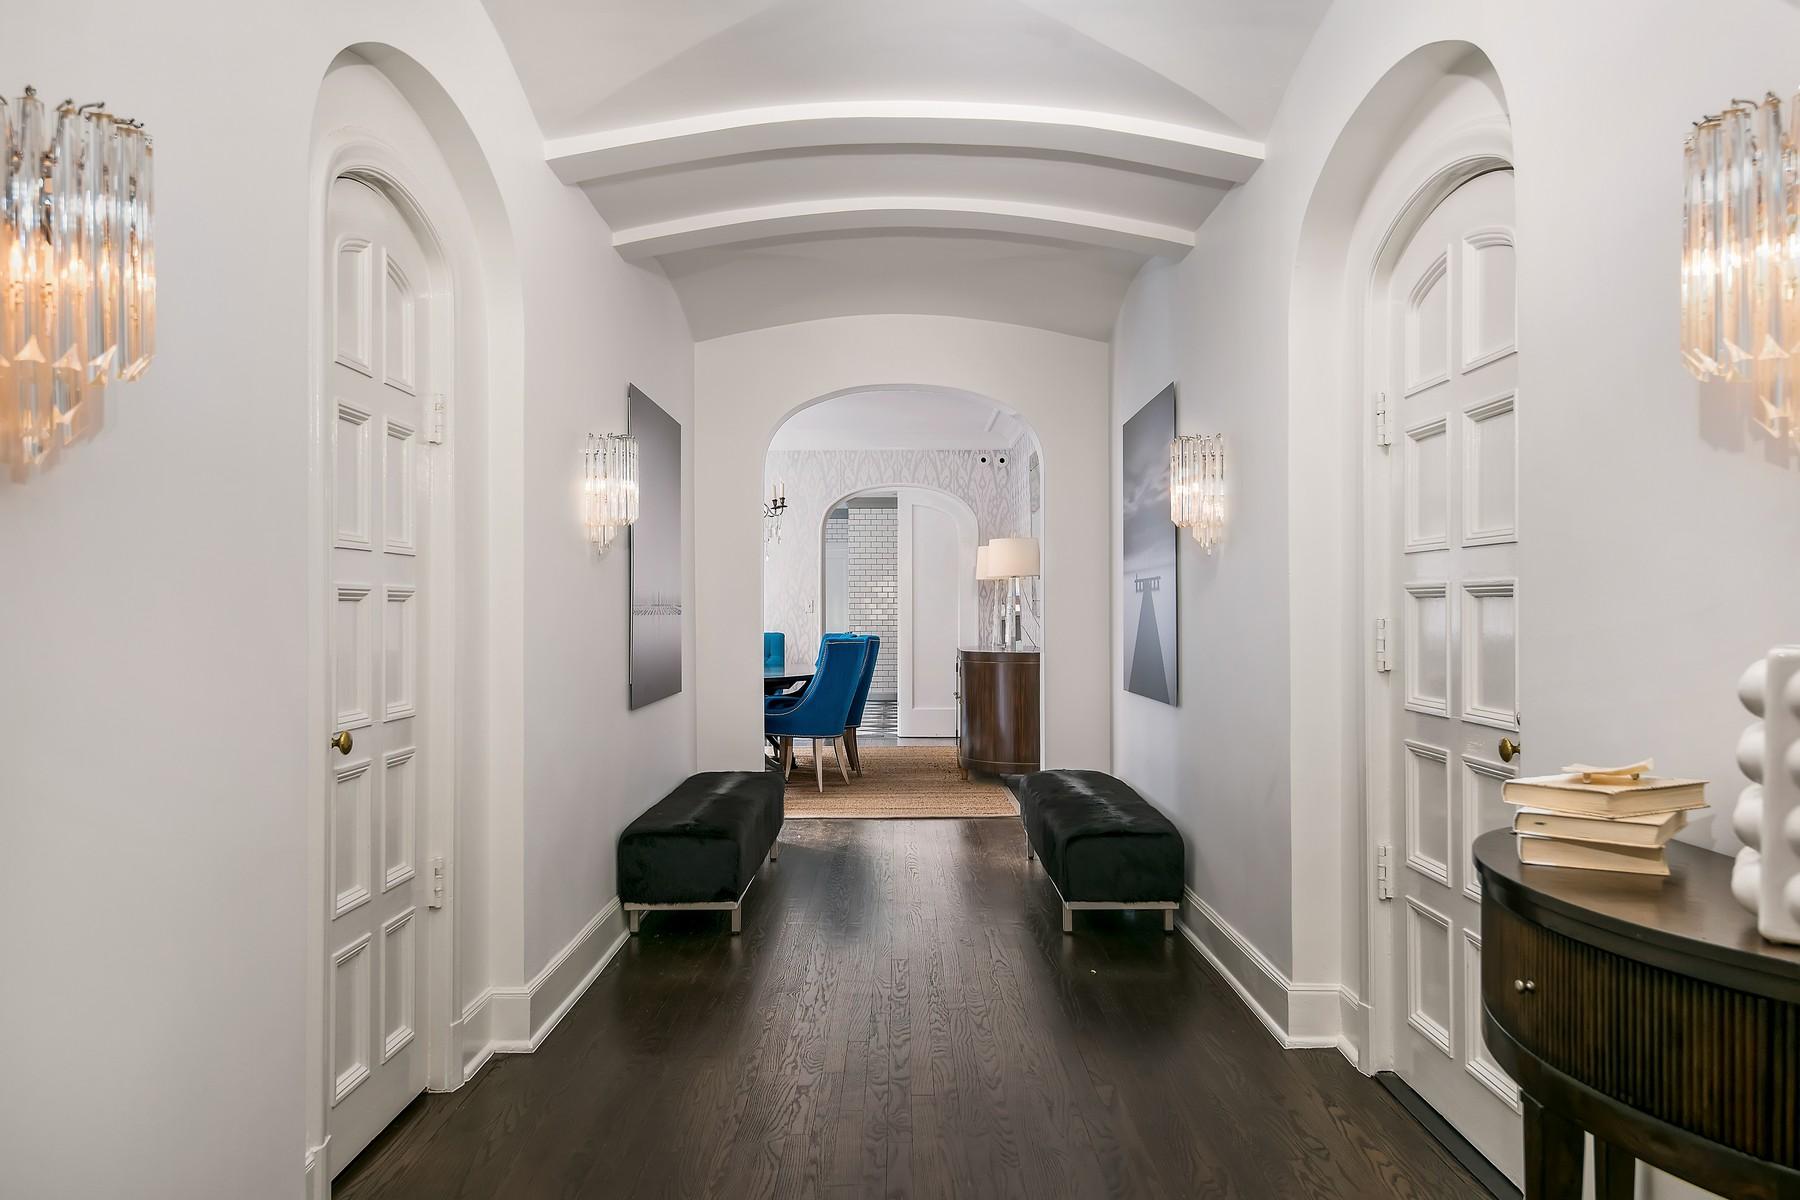 共管式独立产权公寓 为 销售 在 Jaw Dropping Renovation 1320 N State Parkway Unit 11A, 芝加哥, 伊利诺斯州, 60610 美国